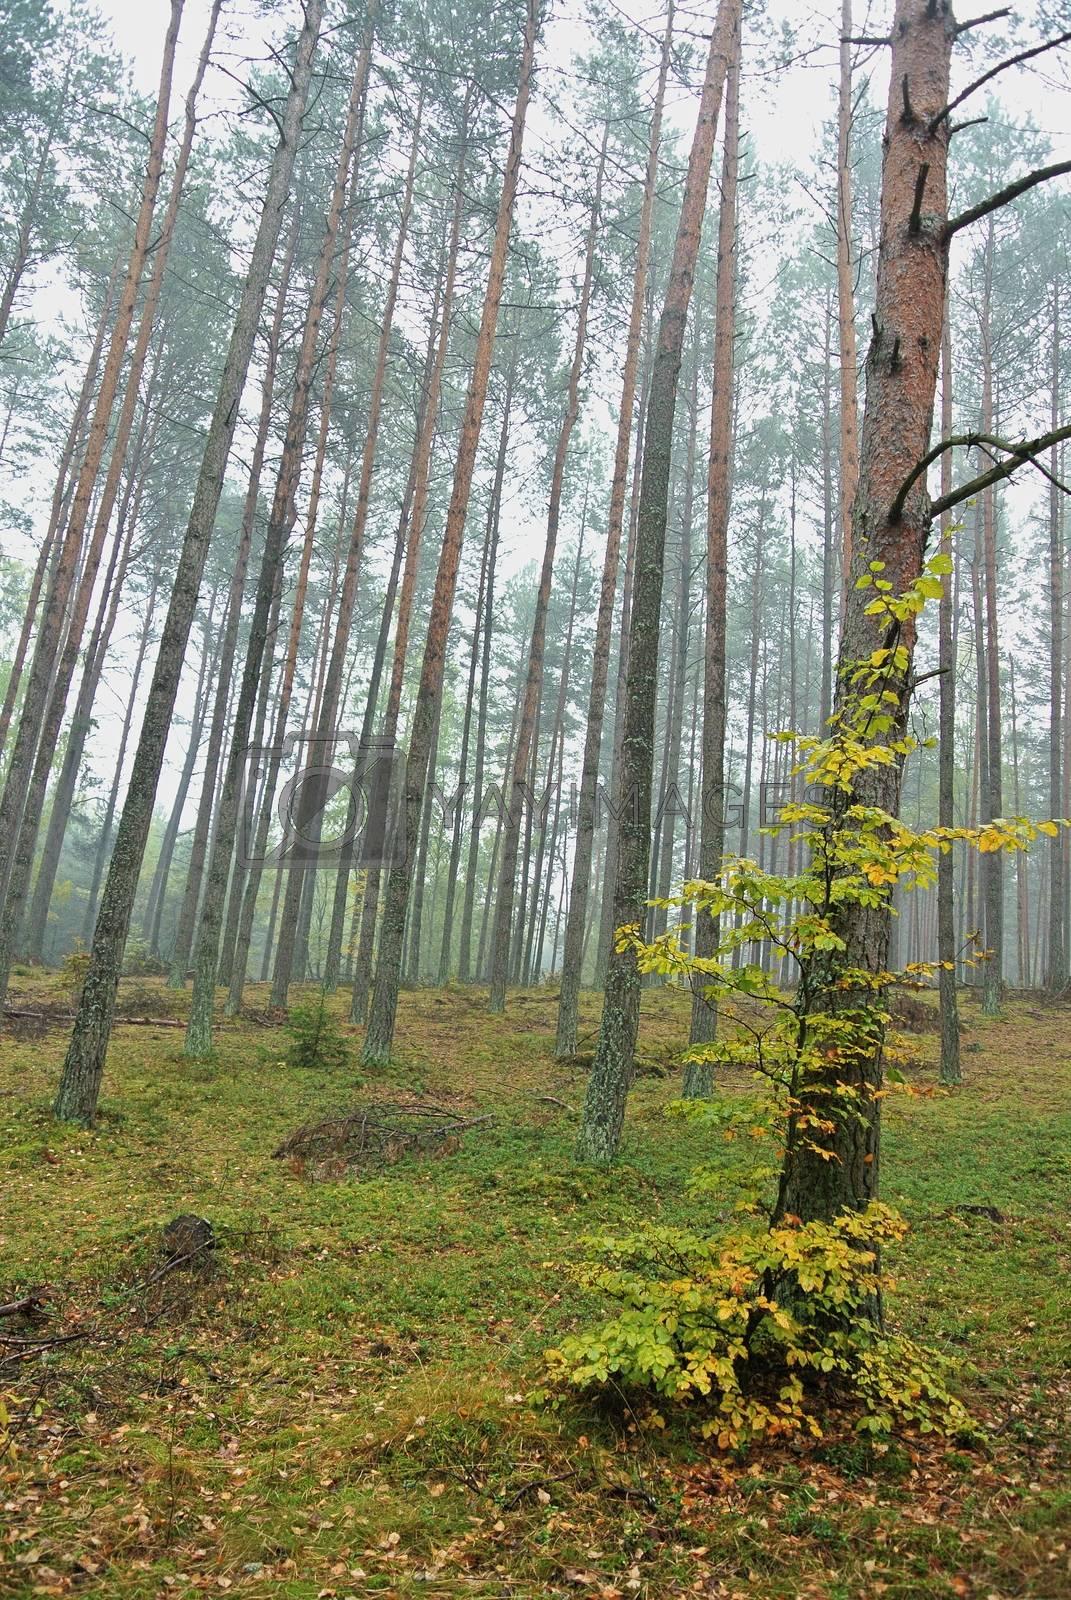 Royalty free image of Autumn landscape Poland by info@krzysztofpiotrowicz.com